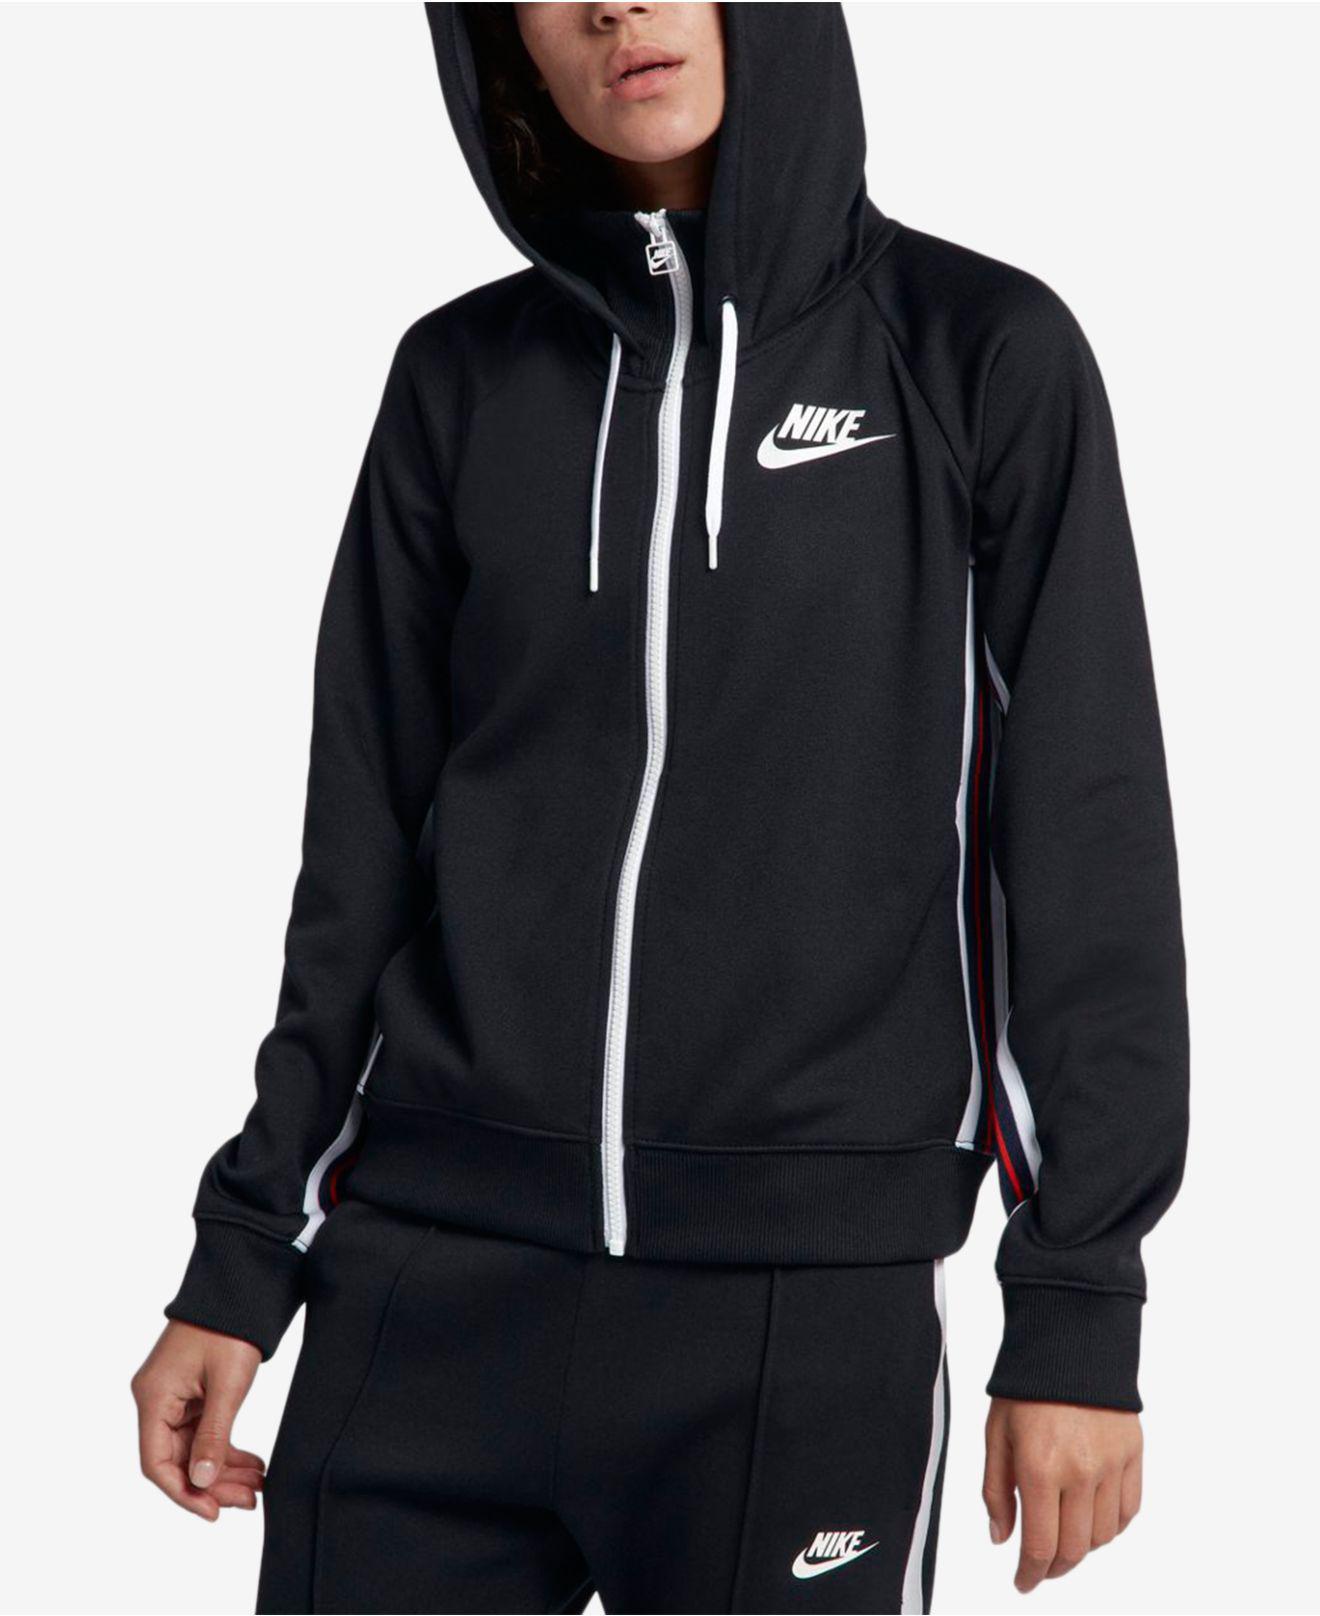 486385687433 Nike - Black Sportswear Zip Hoodie - Lyst. View fullscreen